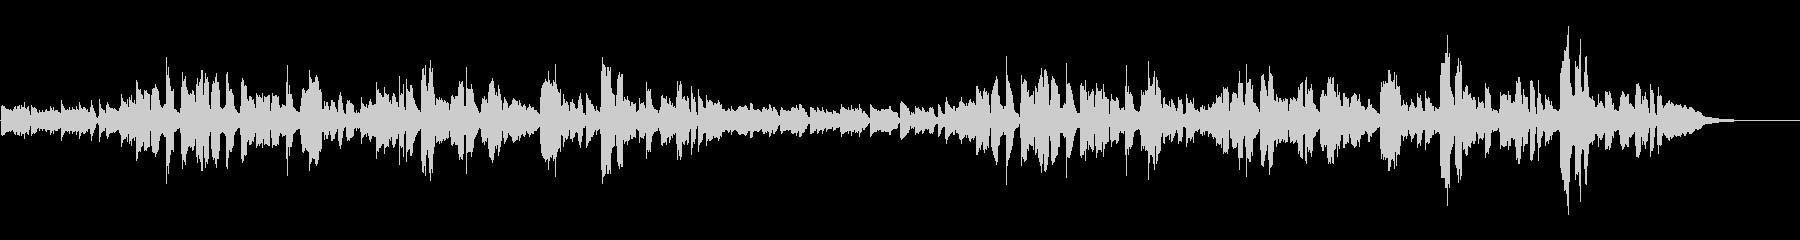 童謡「シャボン玉」の男声ギター弾き語りの未再生の波形